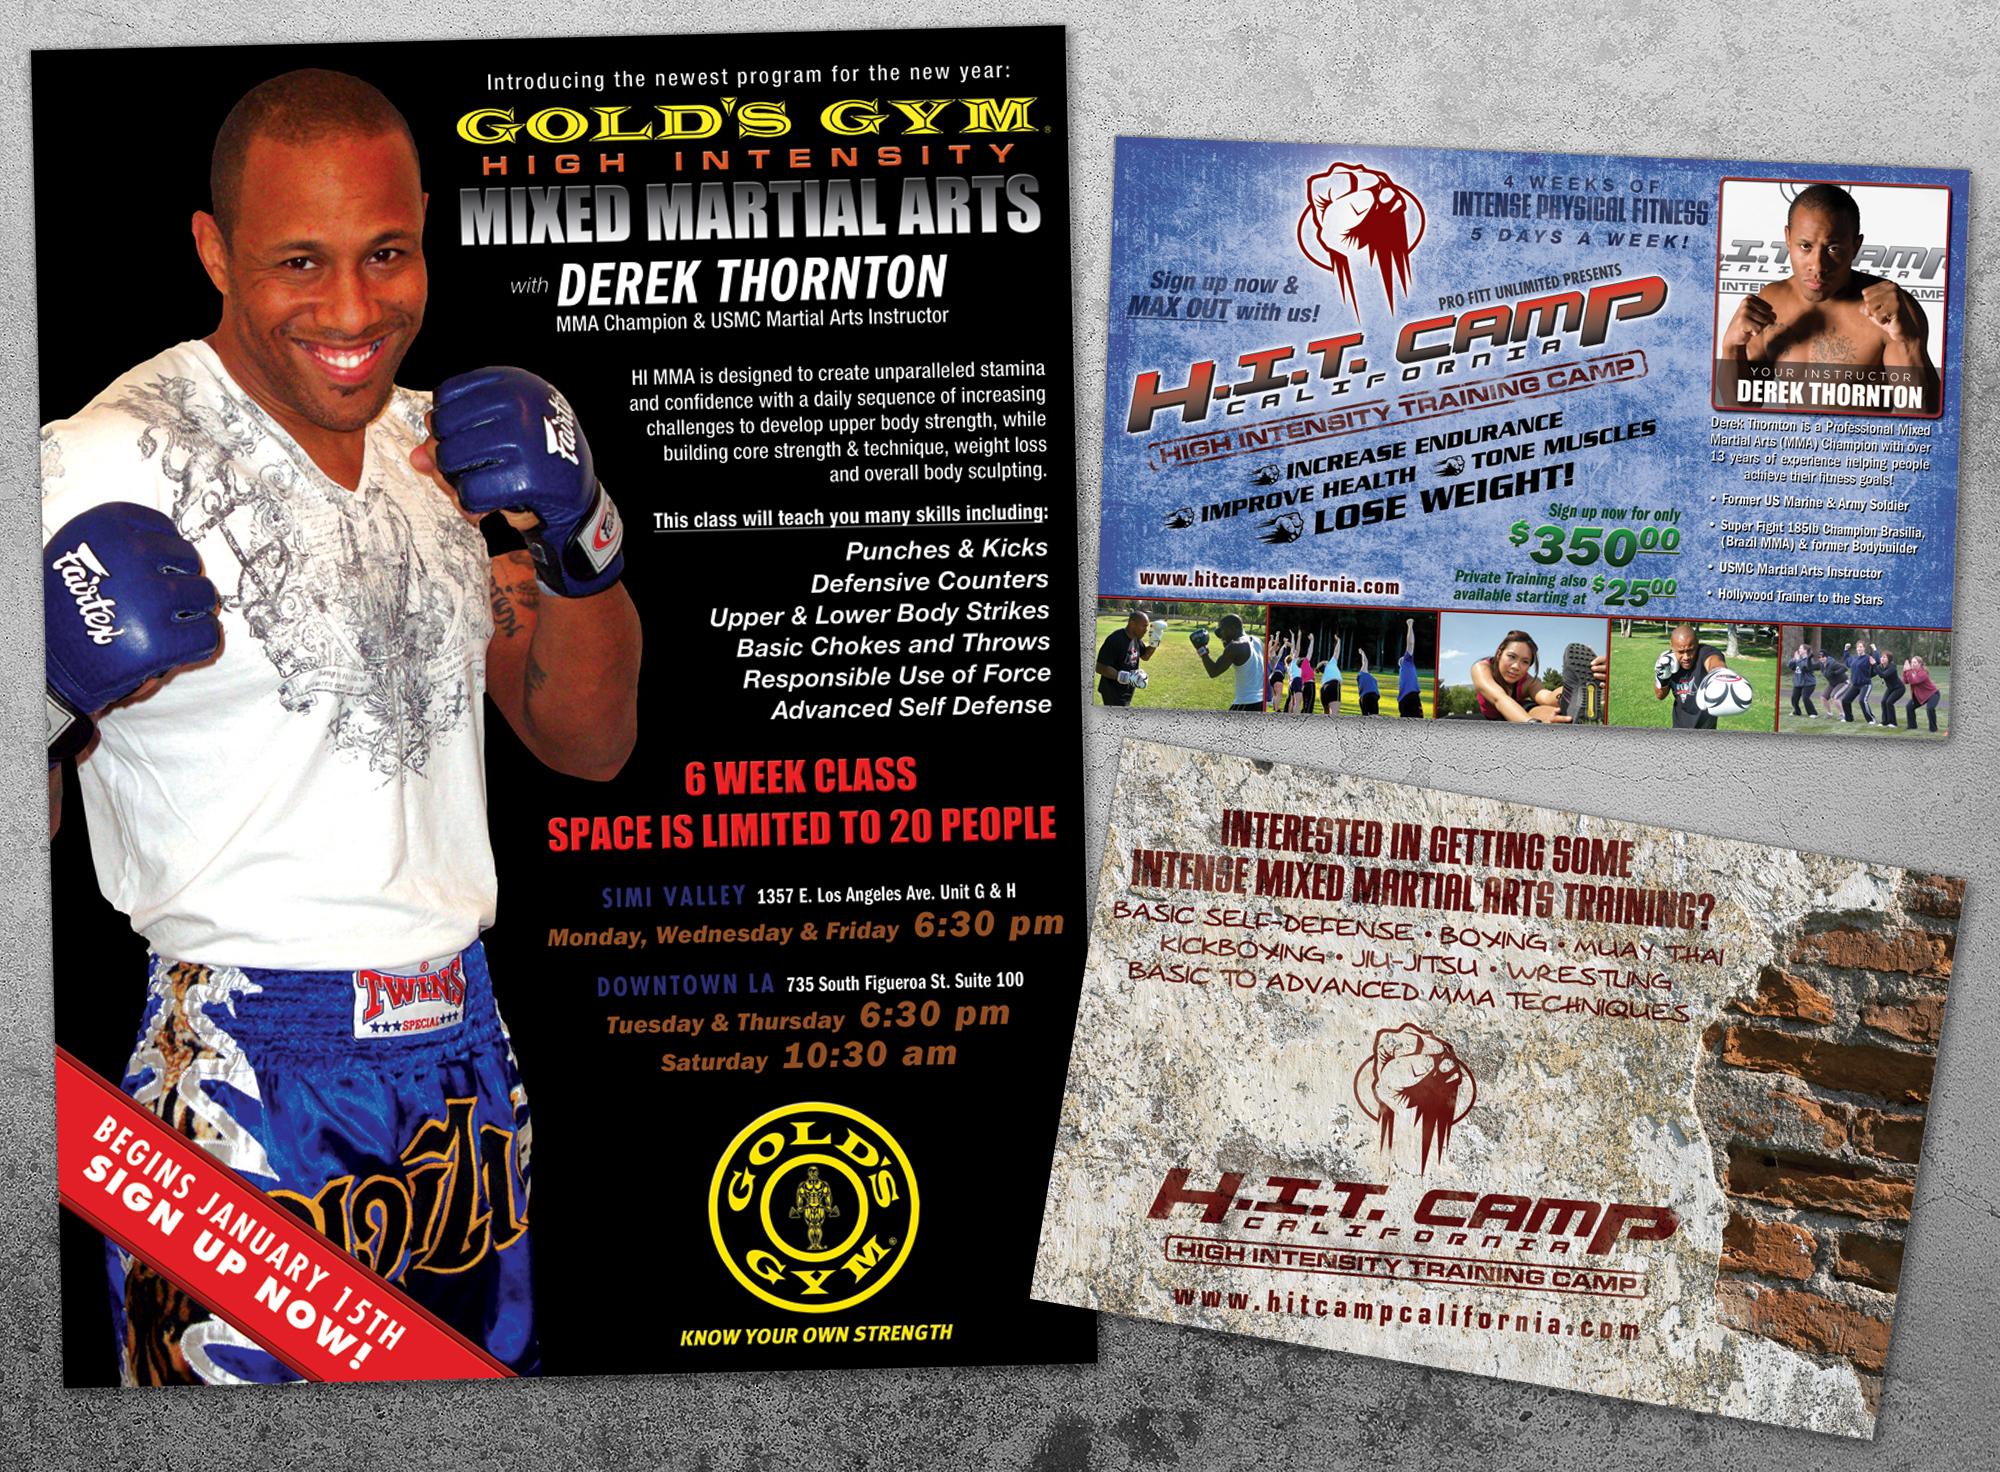 MMA Fighter Derek Thornton Flyer designs